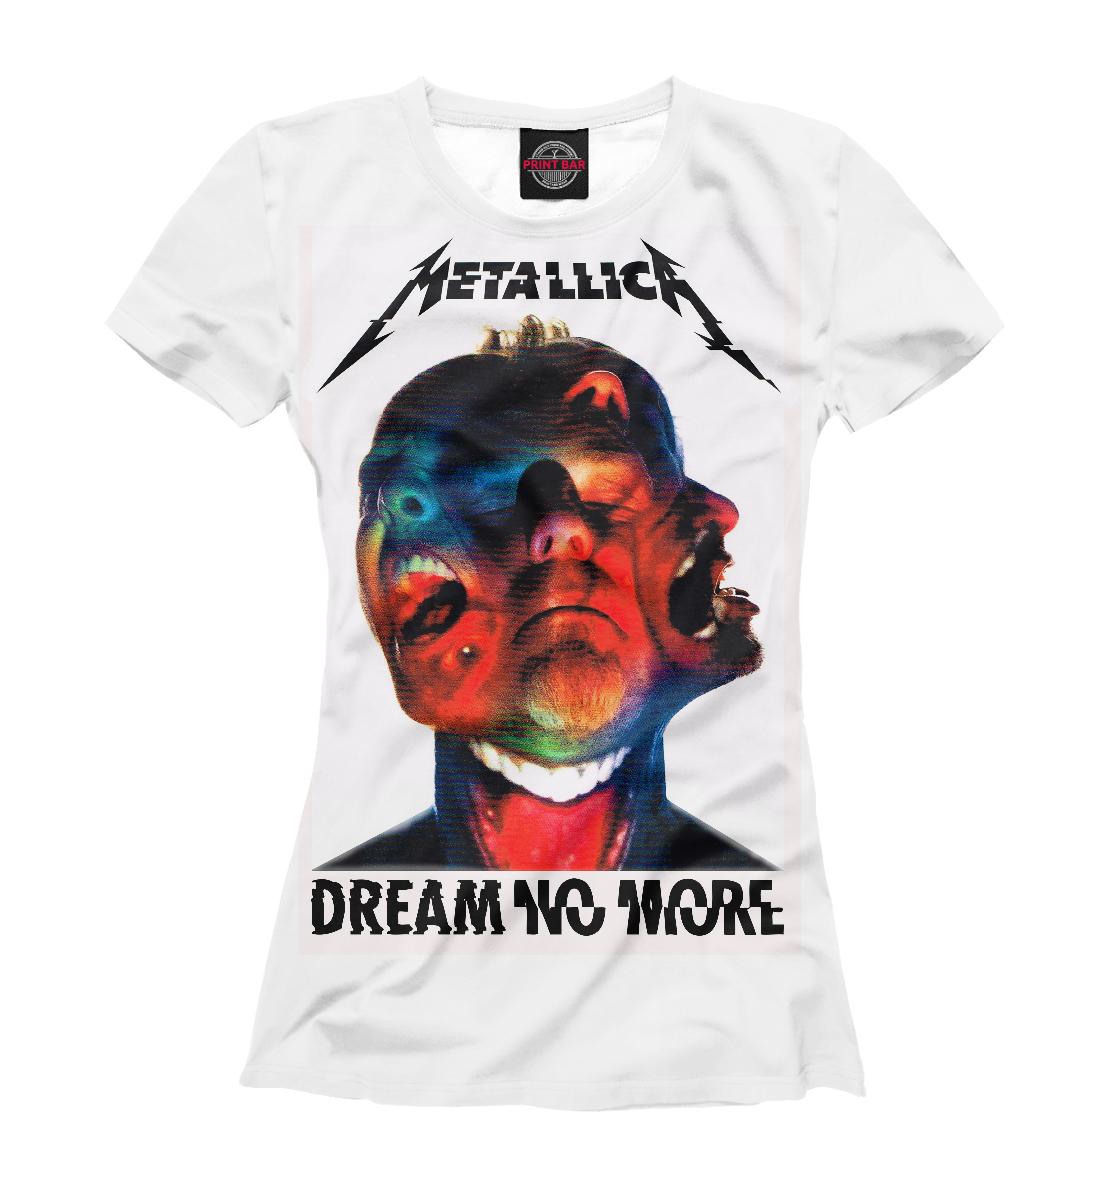 Купить Metallica Dream No More, Printbar, Футболки, MET-651214-fut-1